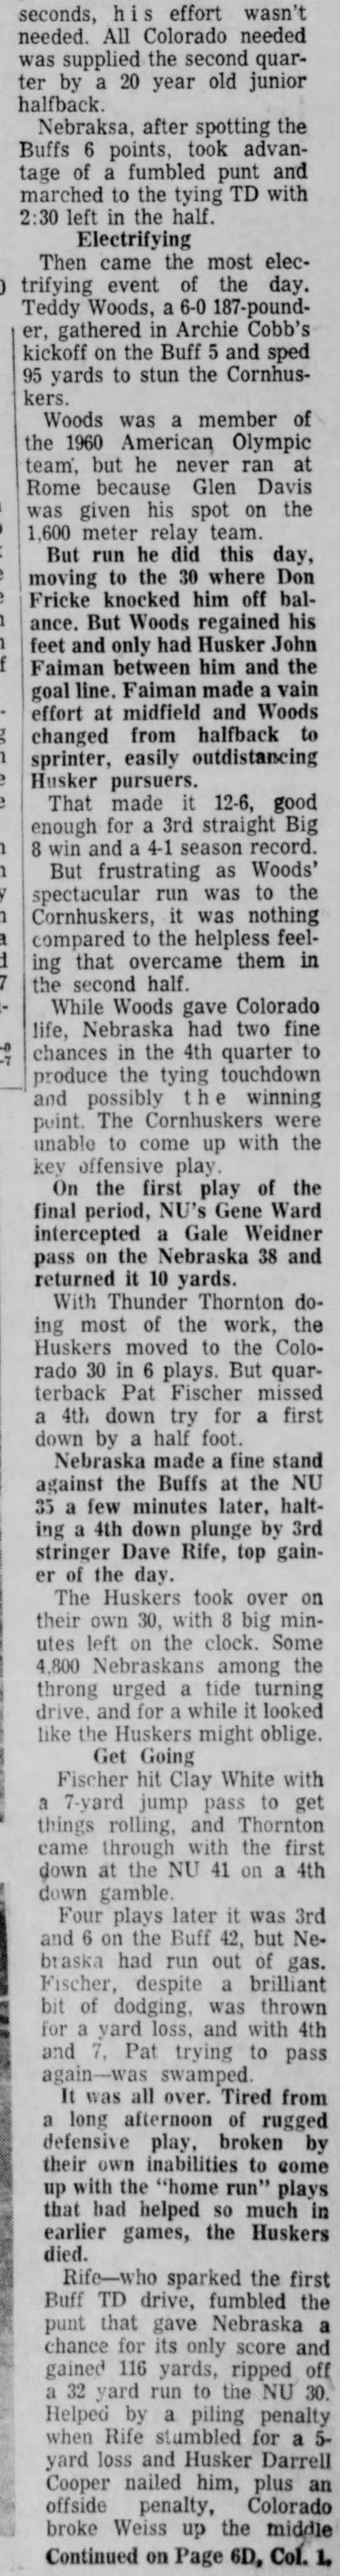 1960 Nebraska-Colorado football, part 2 -